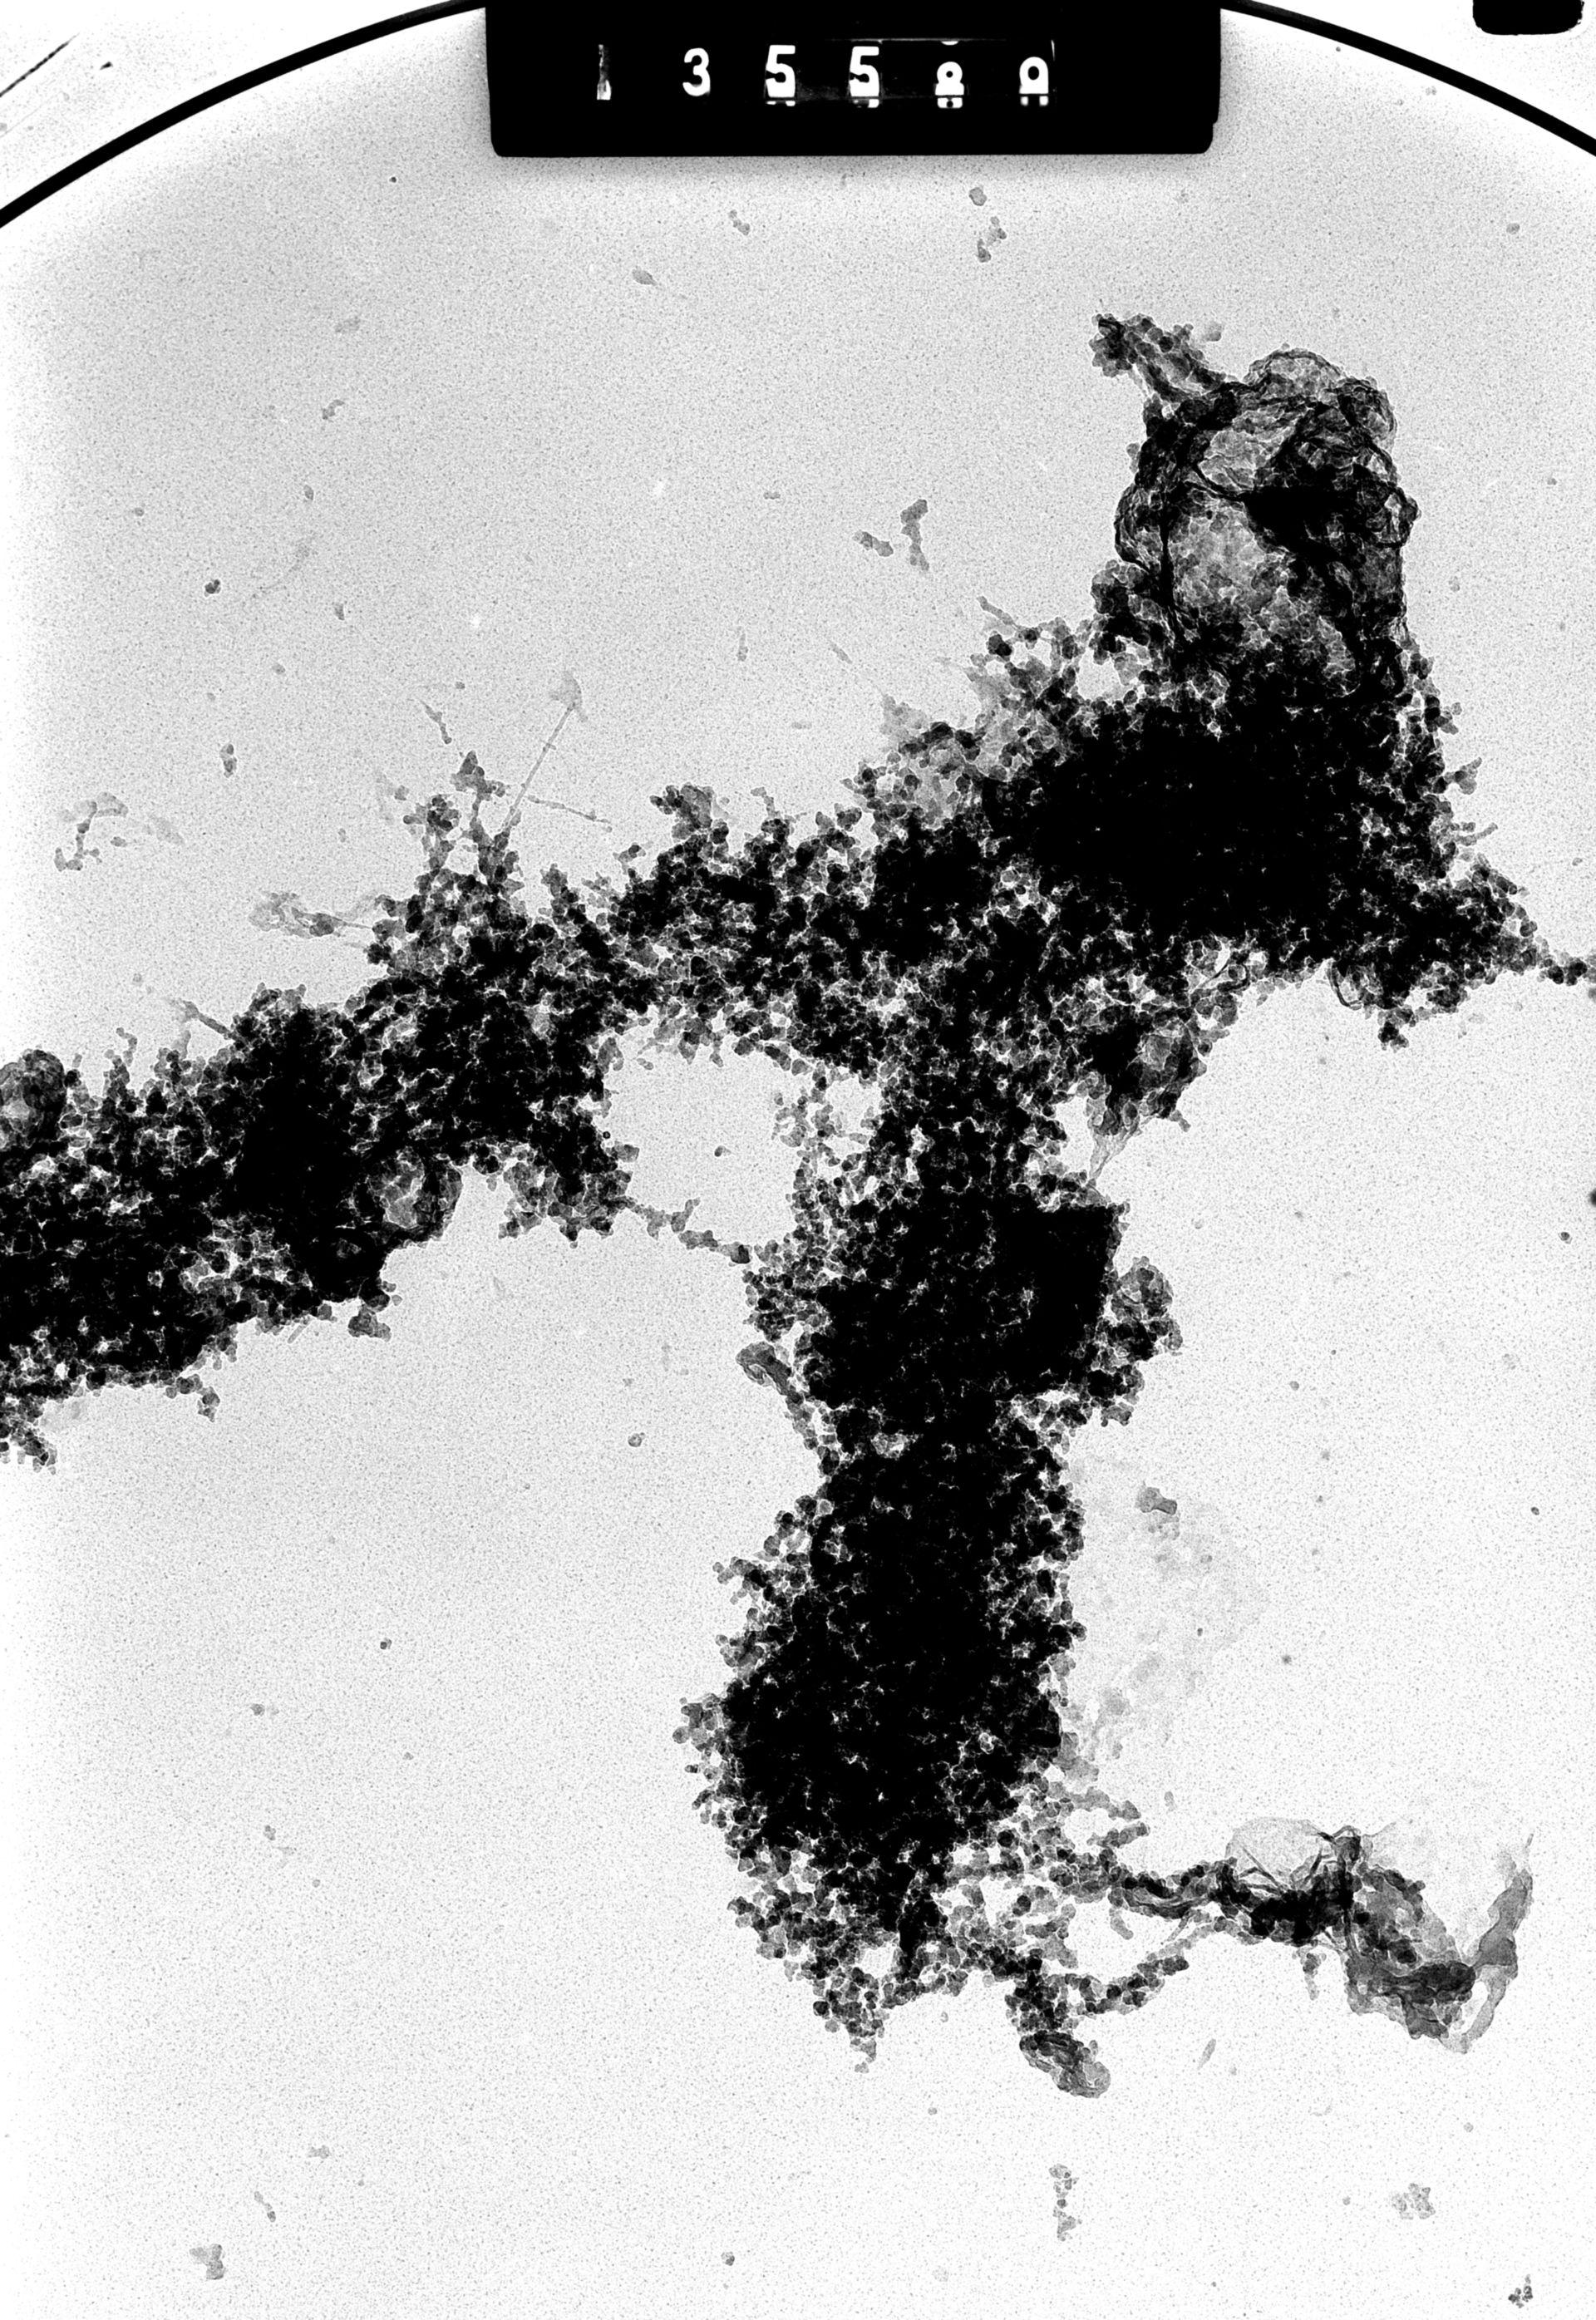 Cricetulus griseus (Chromosoma nuclear) - CIL:41715